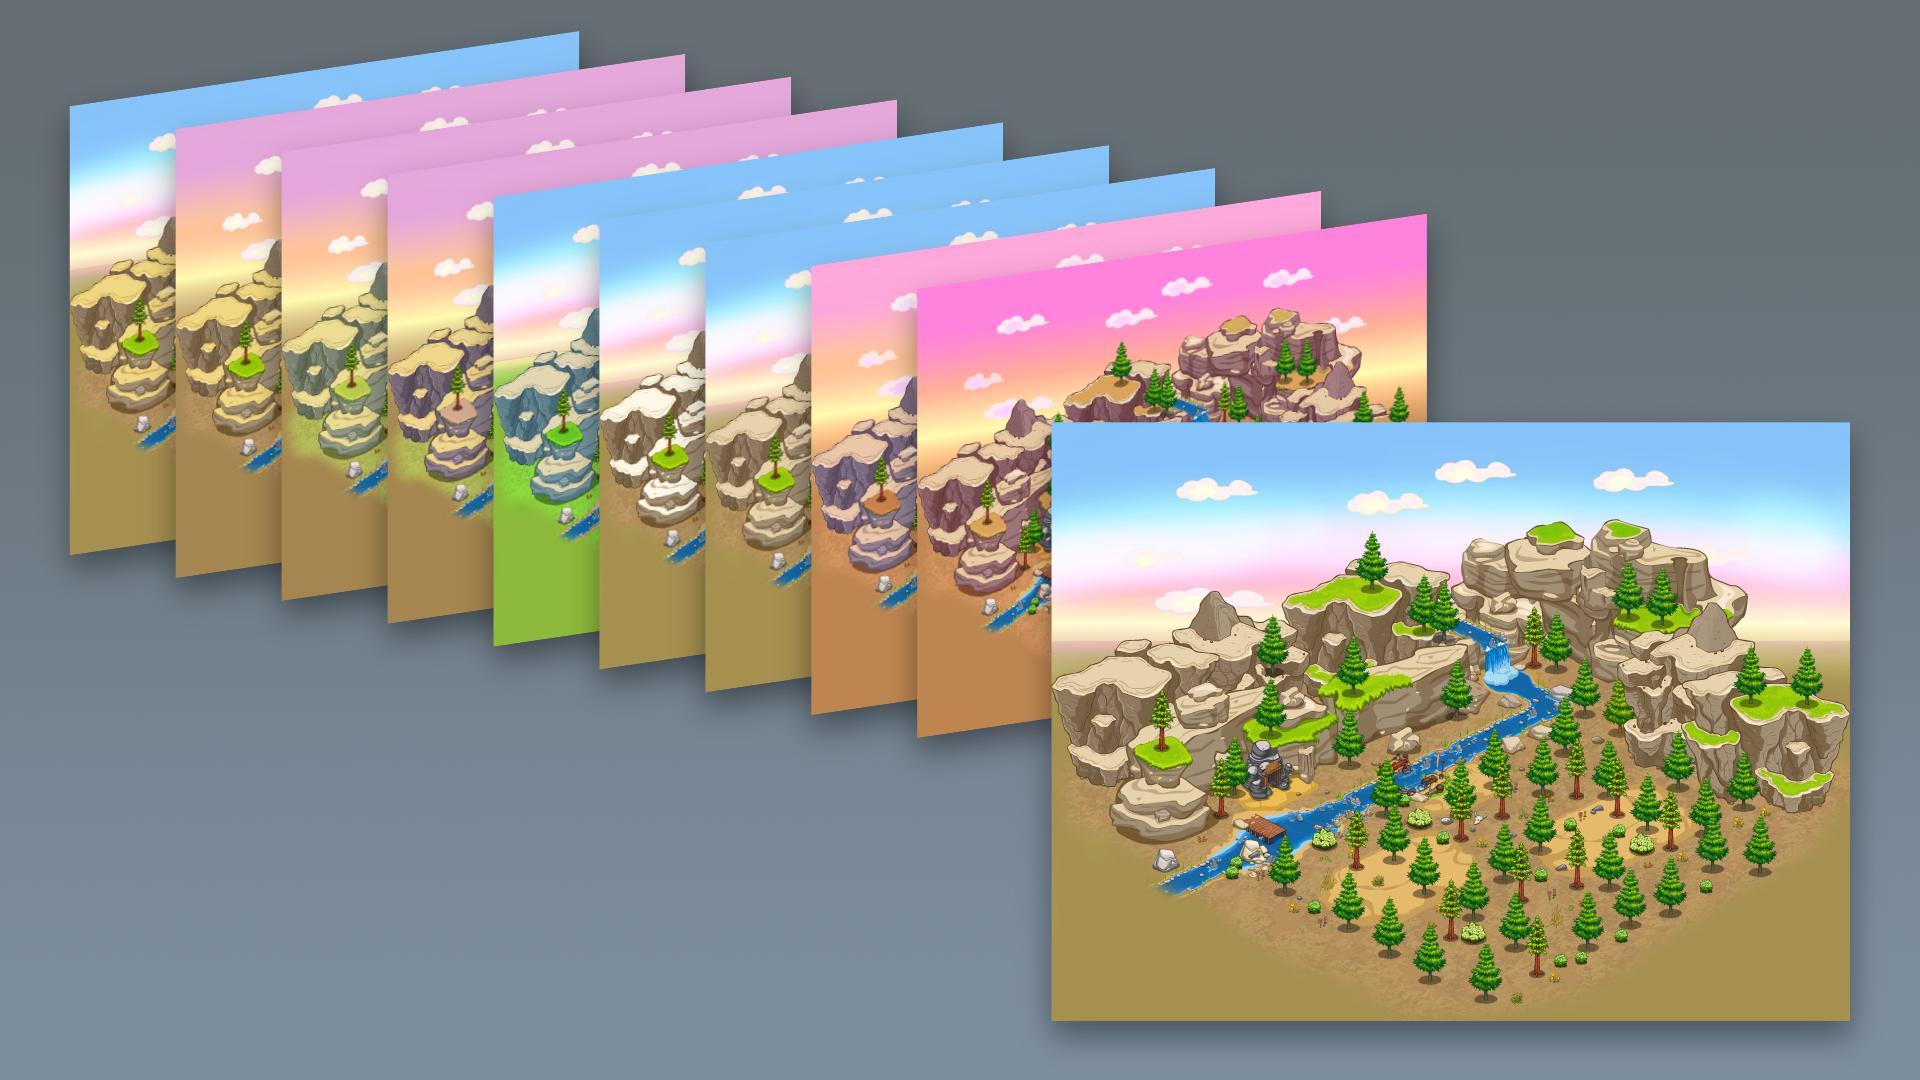 Environment color concepts